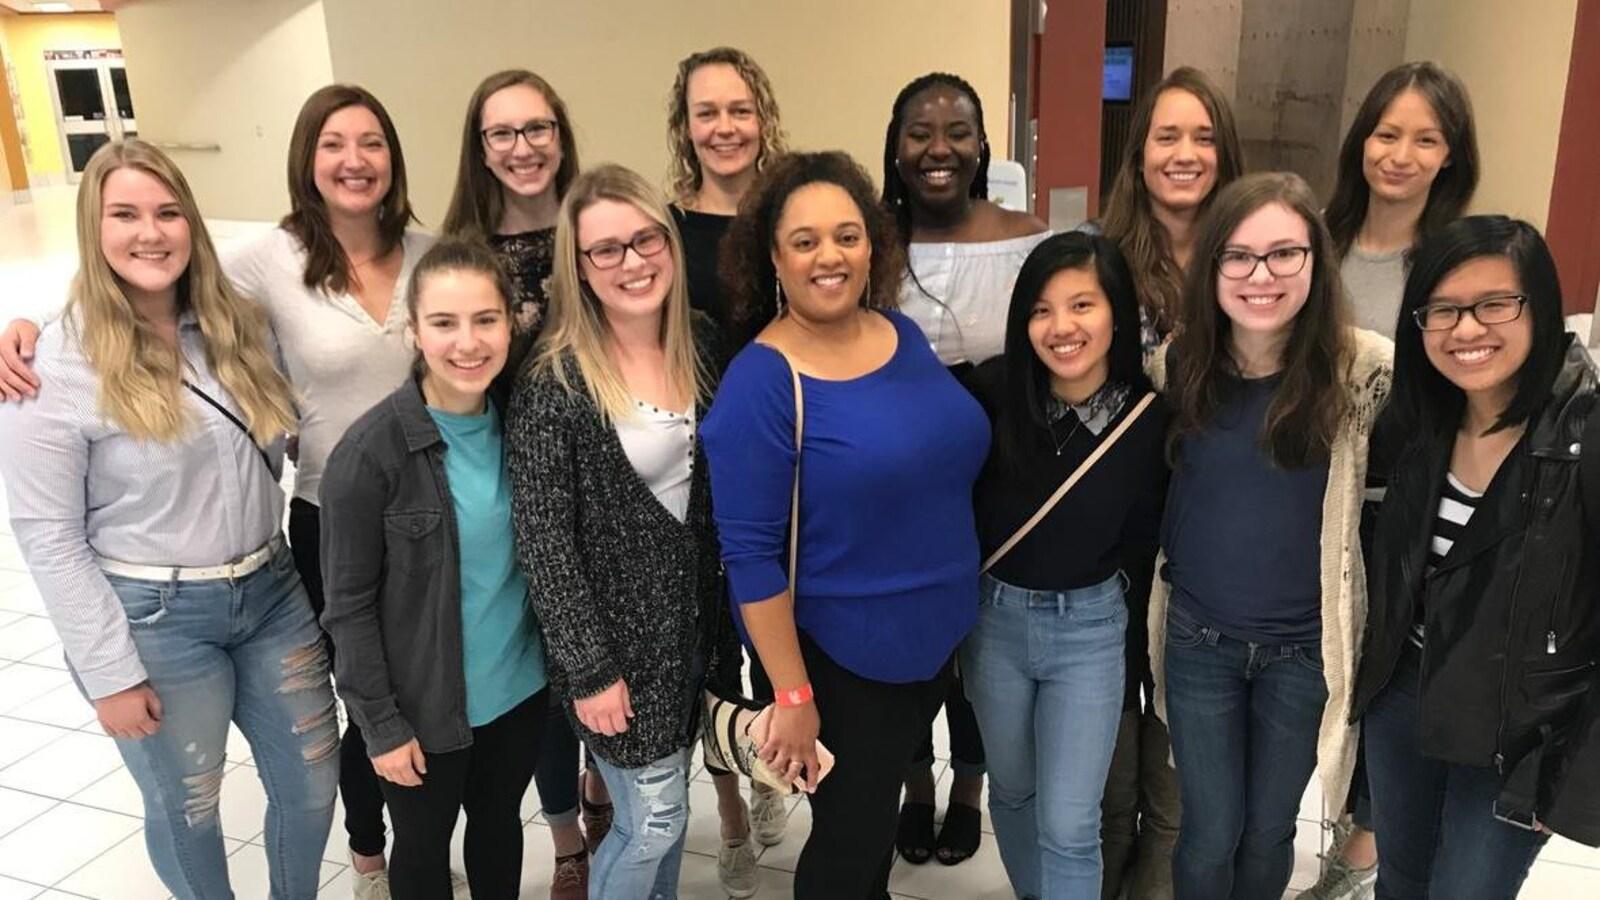 Des femmes posent pour une photo de groupe.